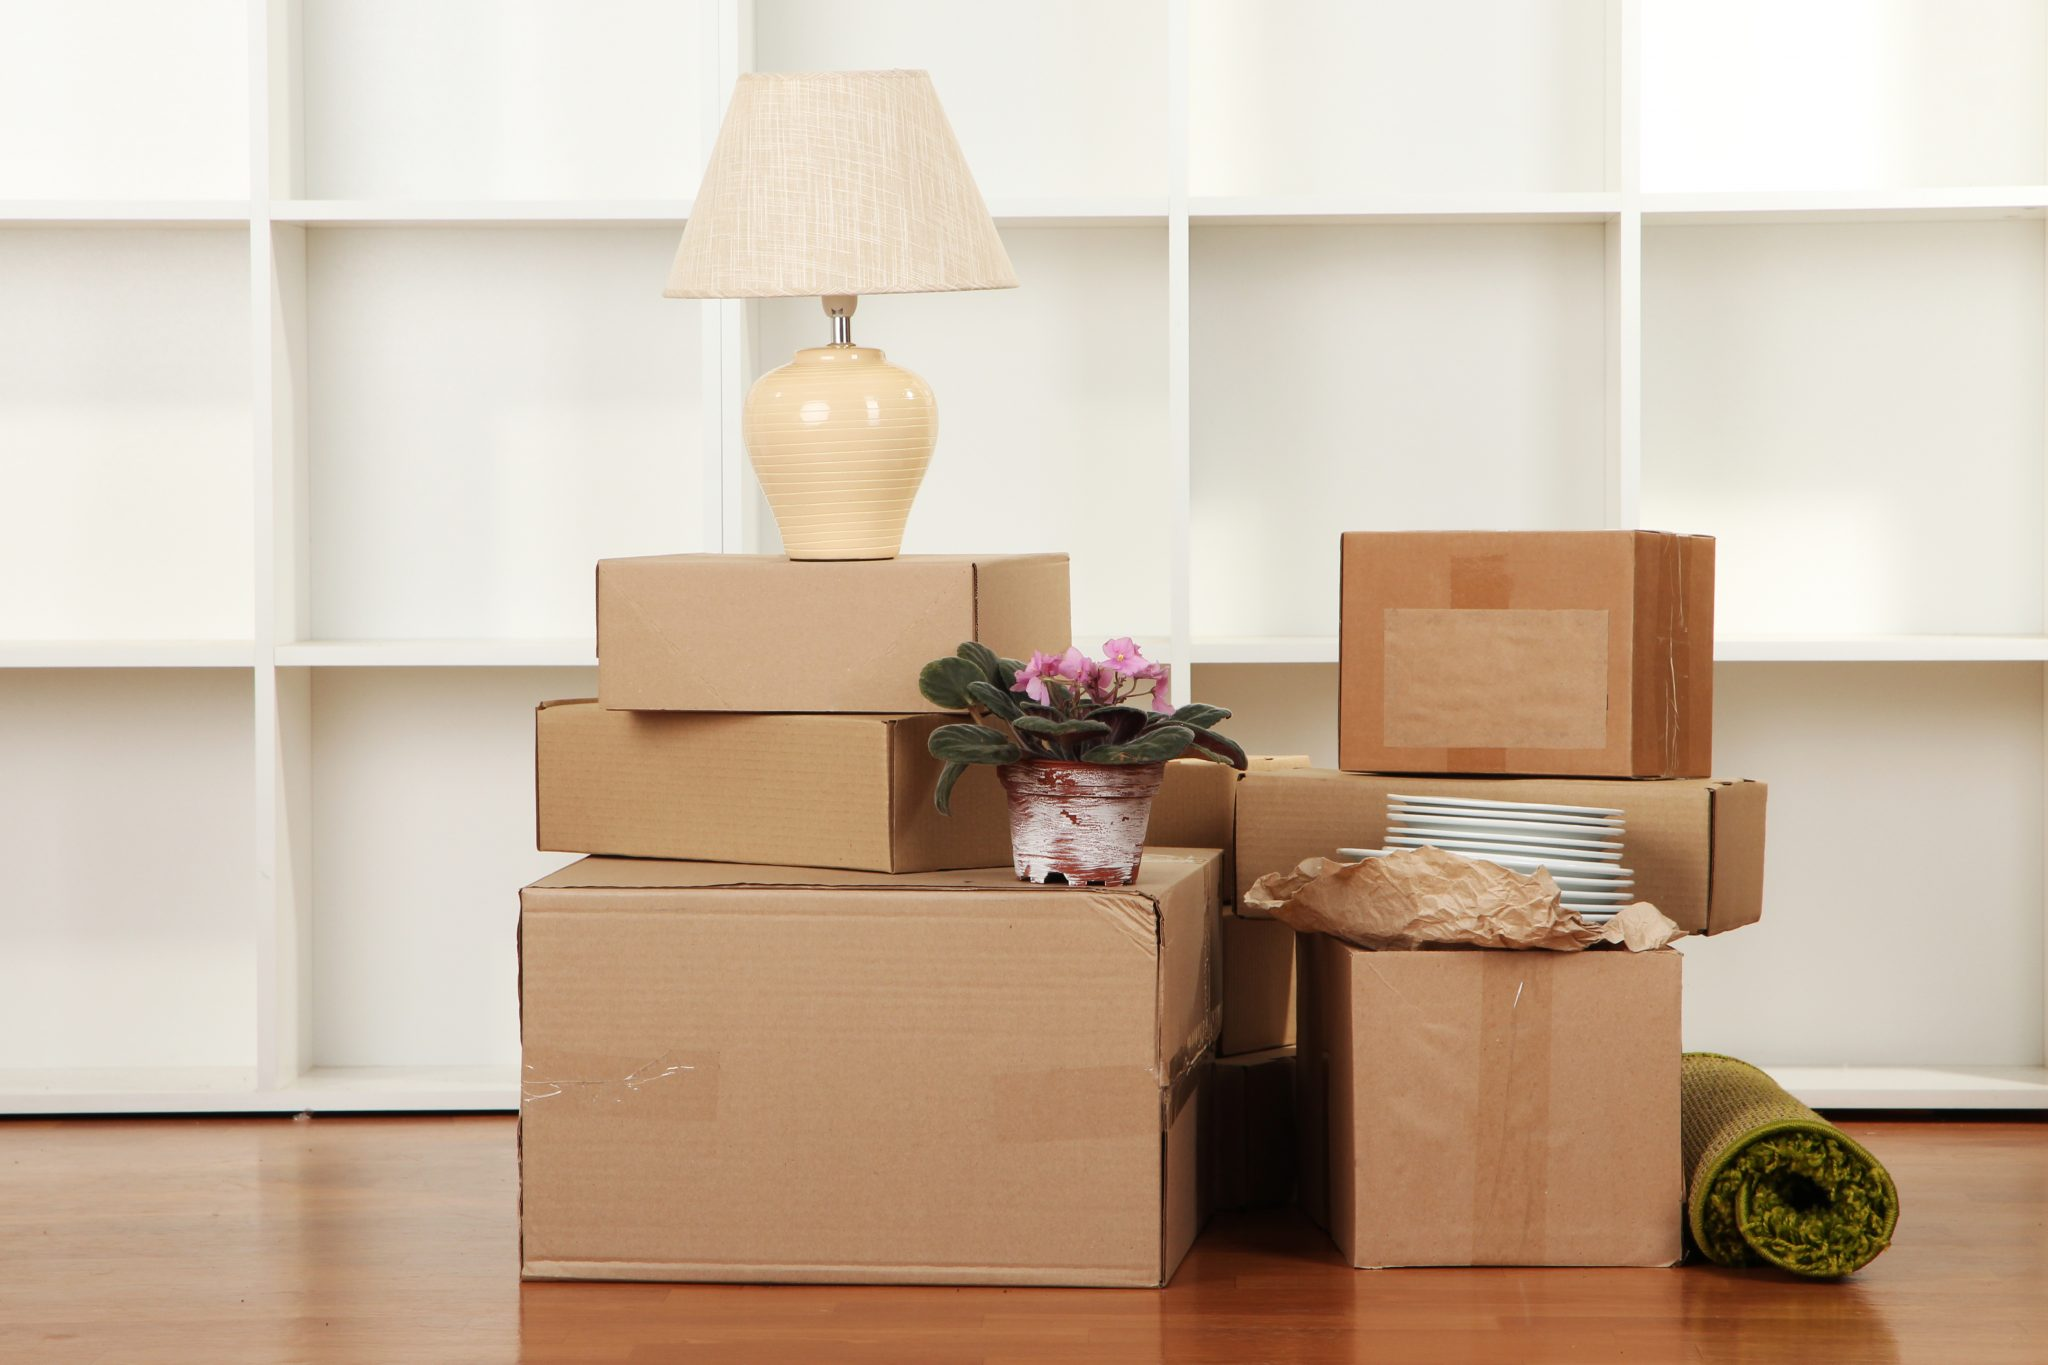 Moving back home after divorce